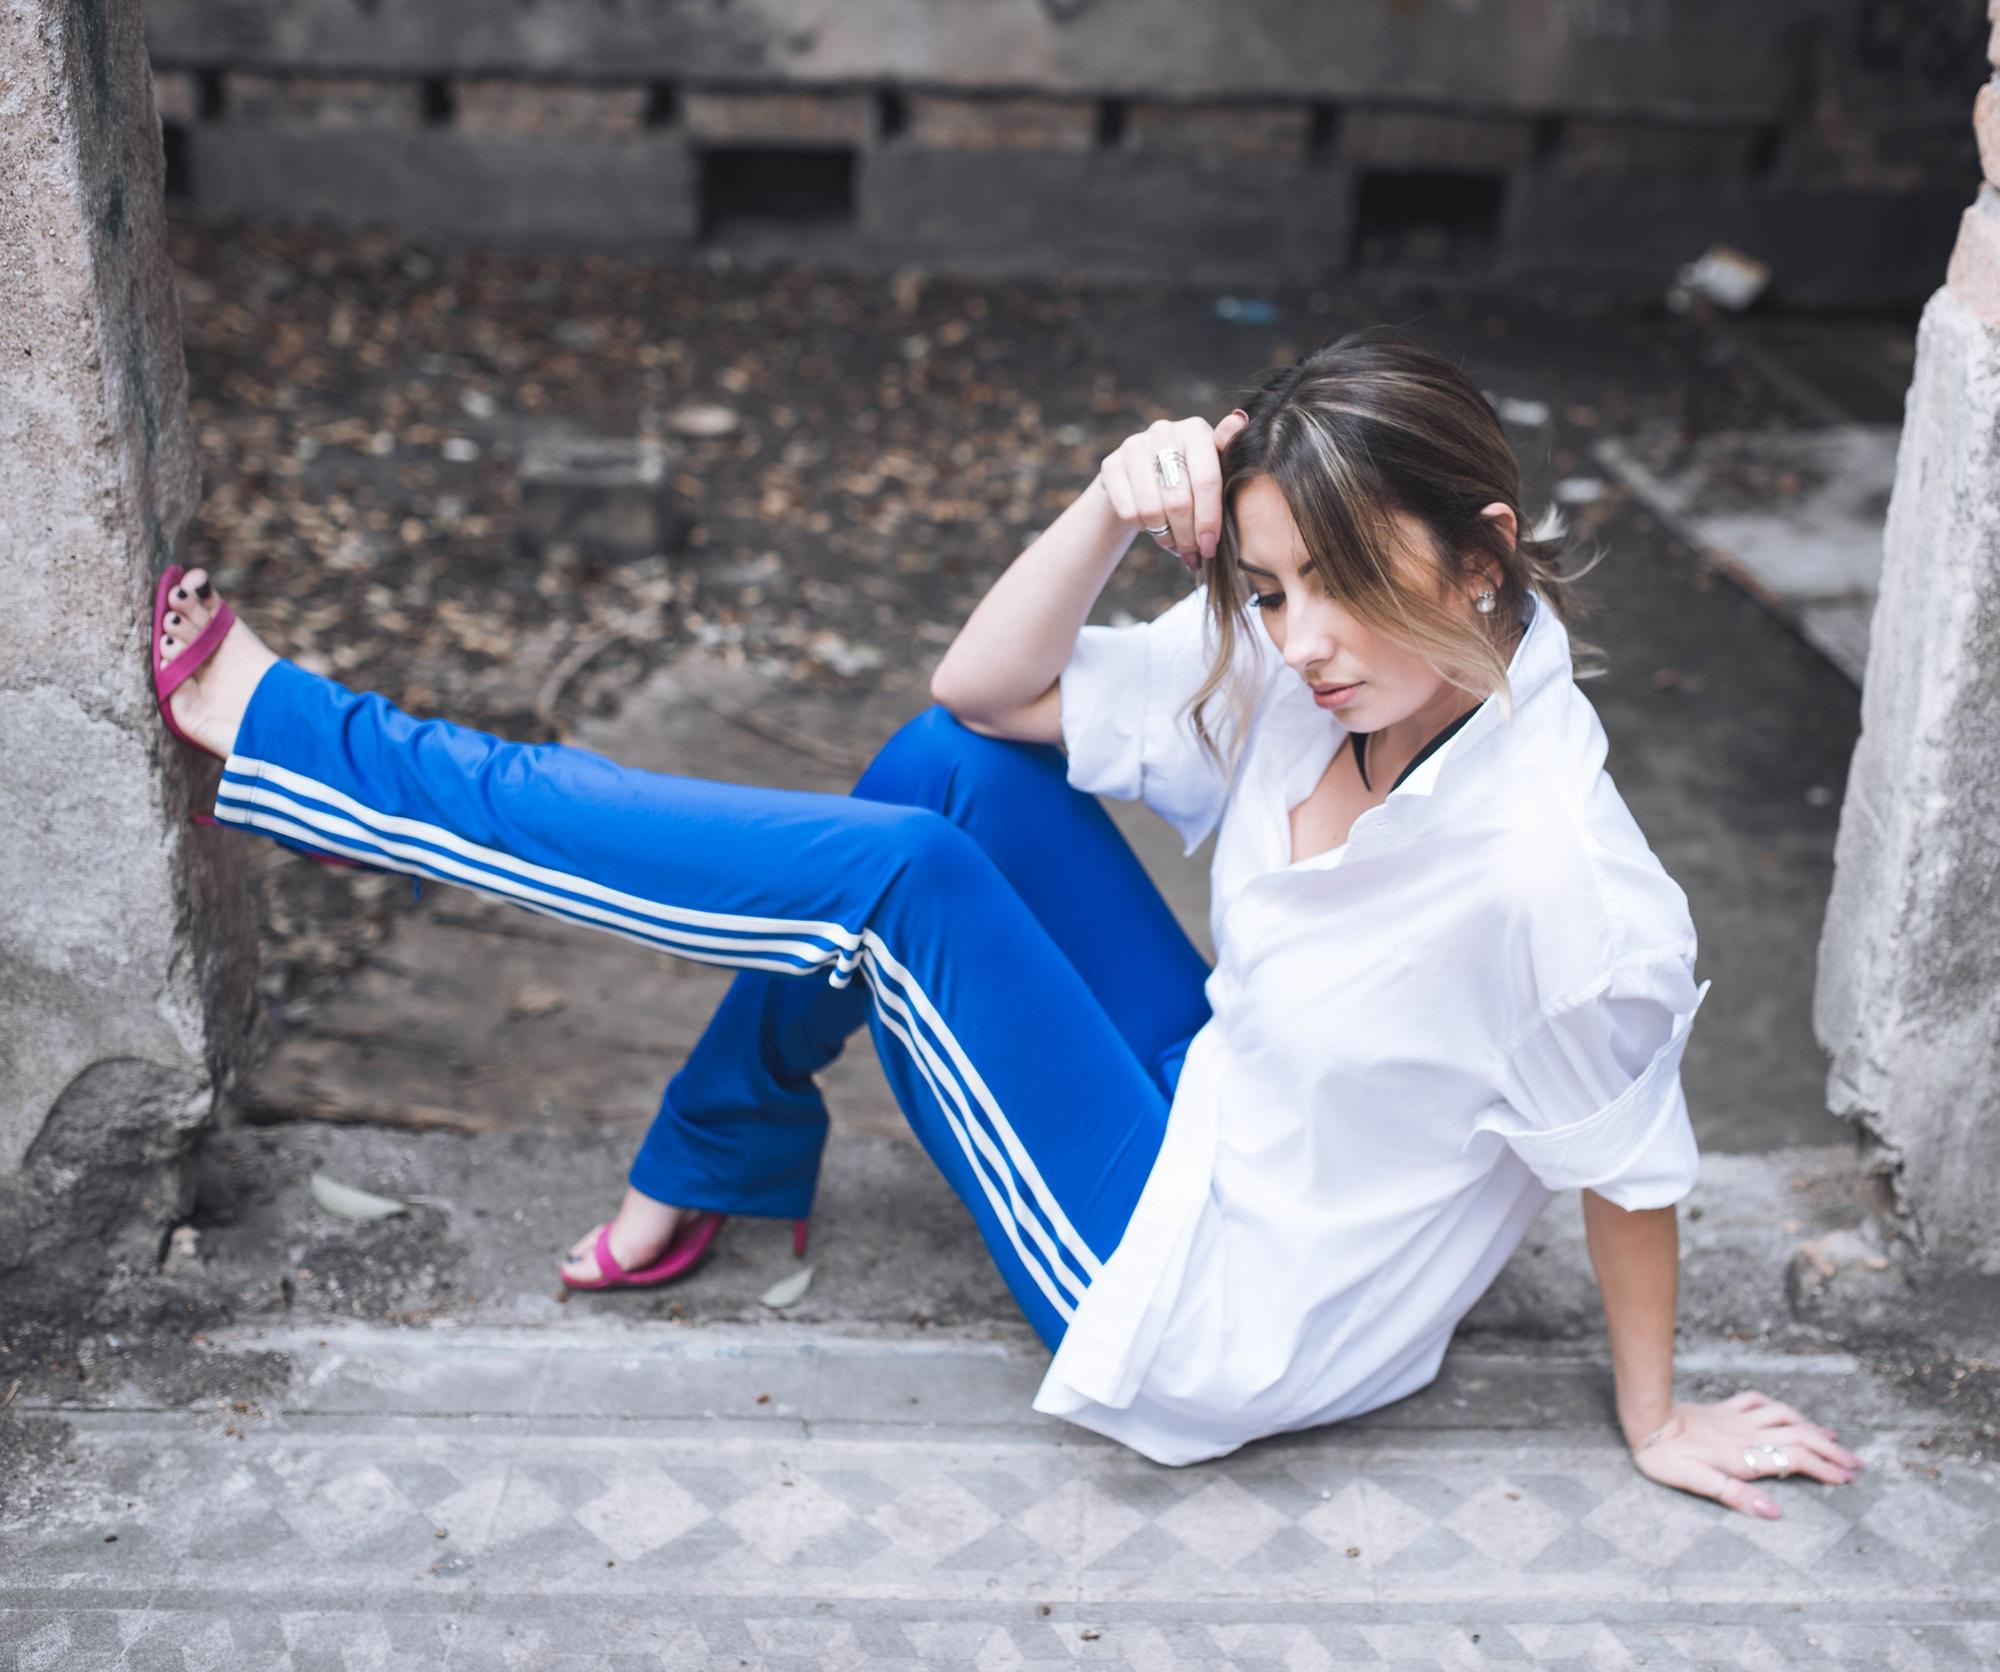 calca-adidas-camisa-do-boy-sandalias-tiras-genderless-style-blogvanduarte-9